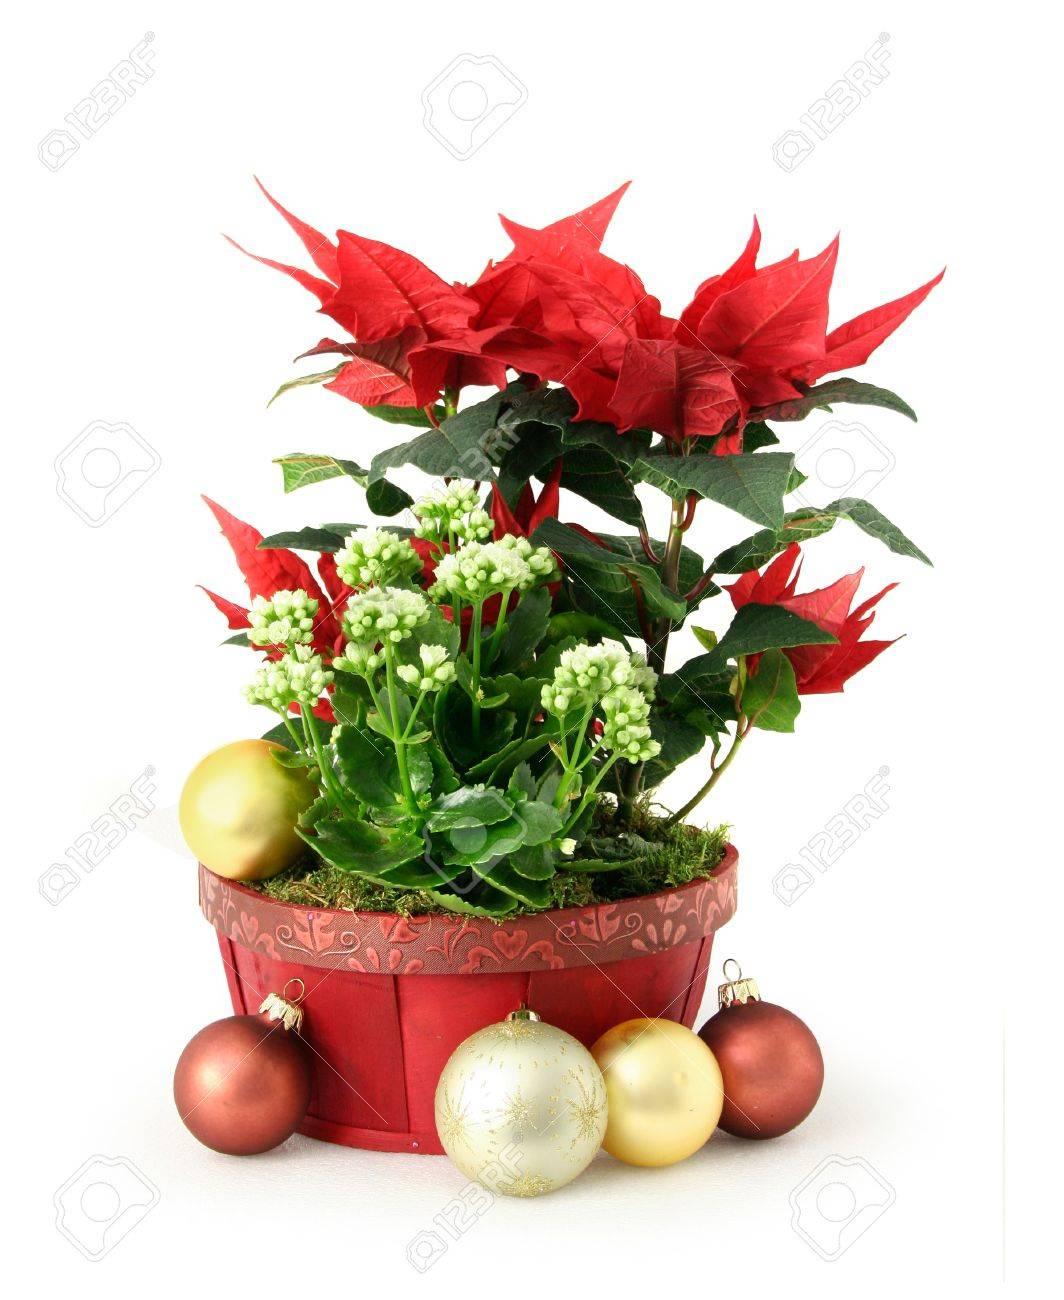 Red Blanco Navidad Decoración Arreglo Floral En Olla